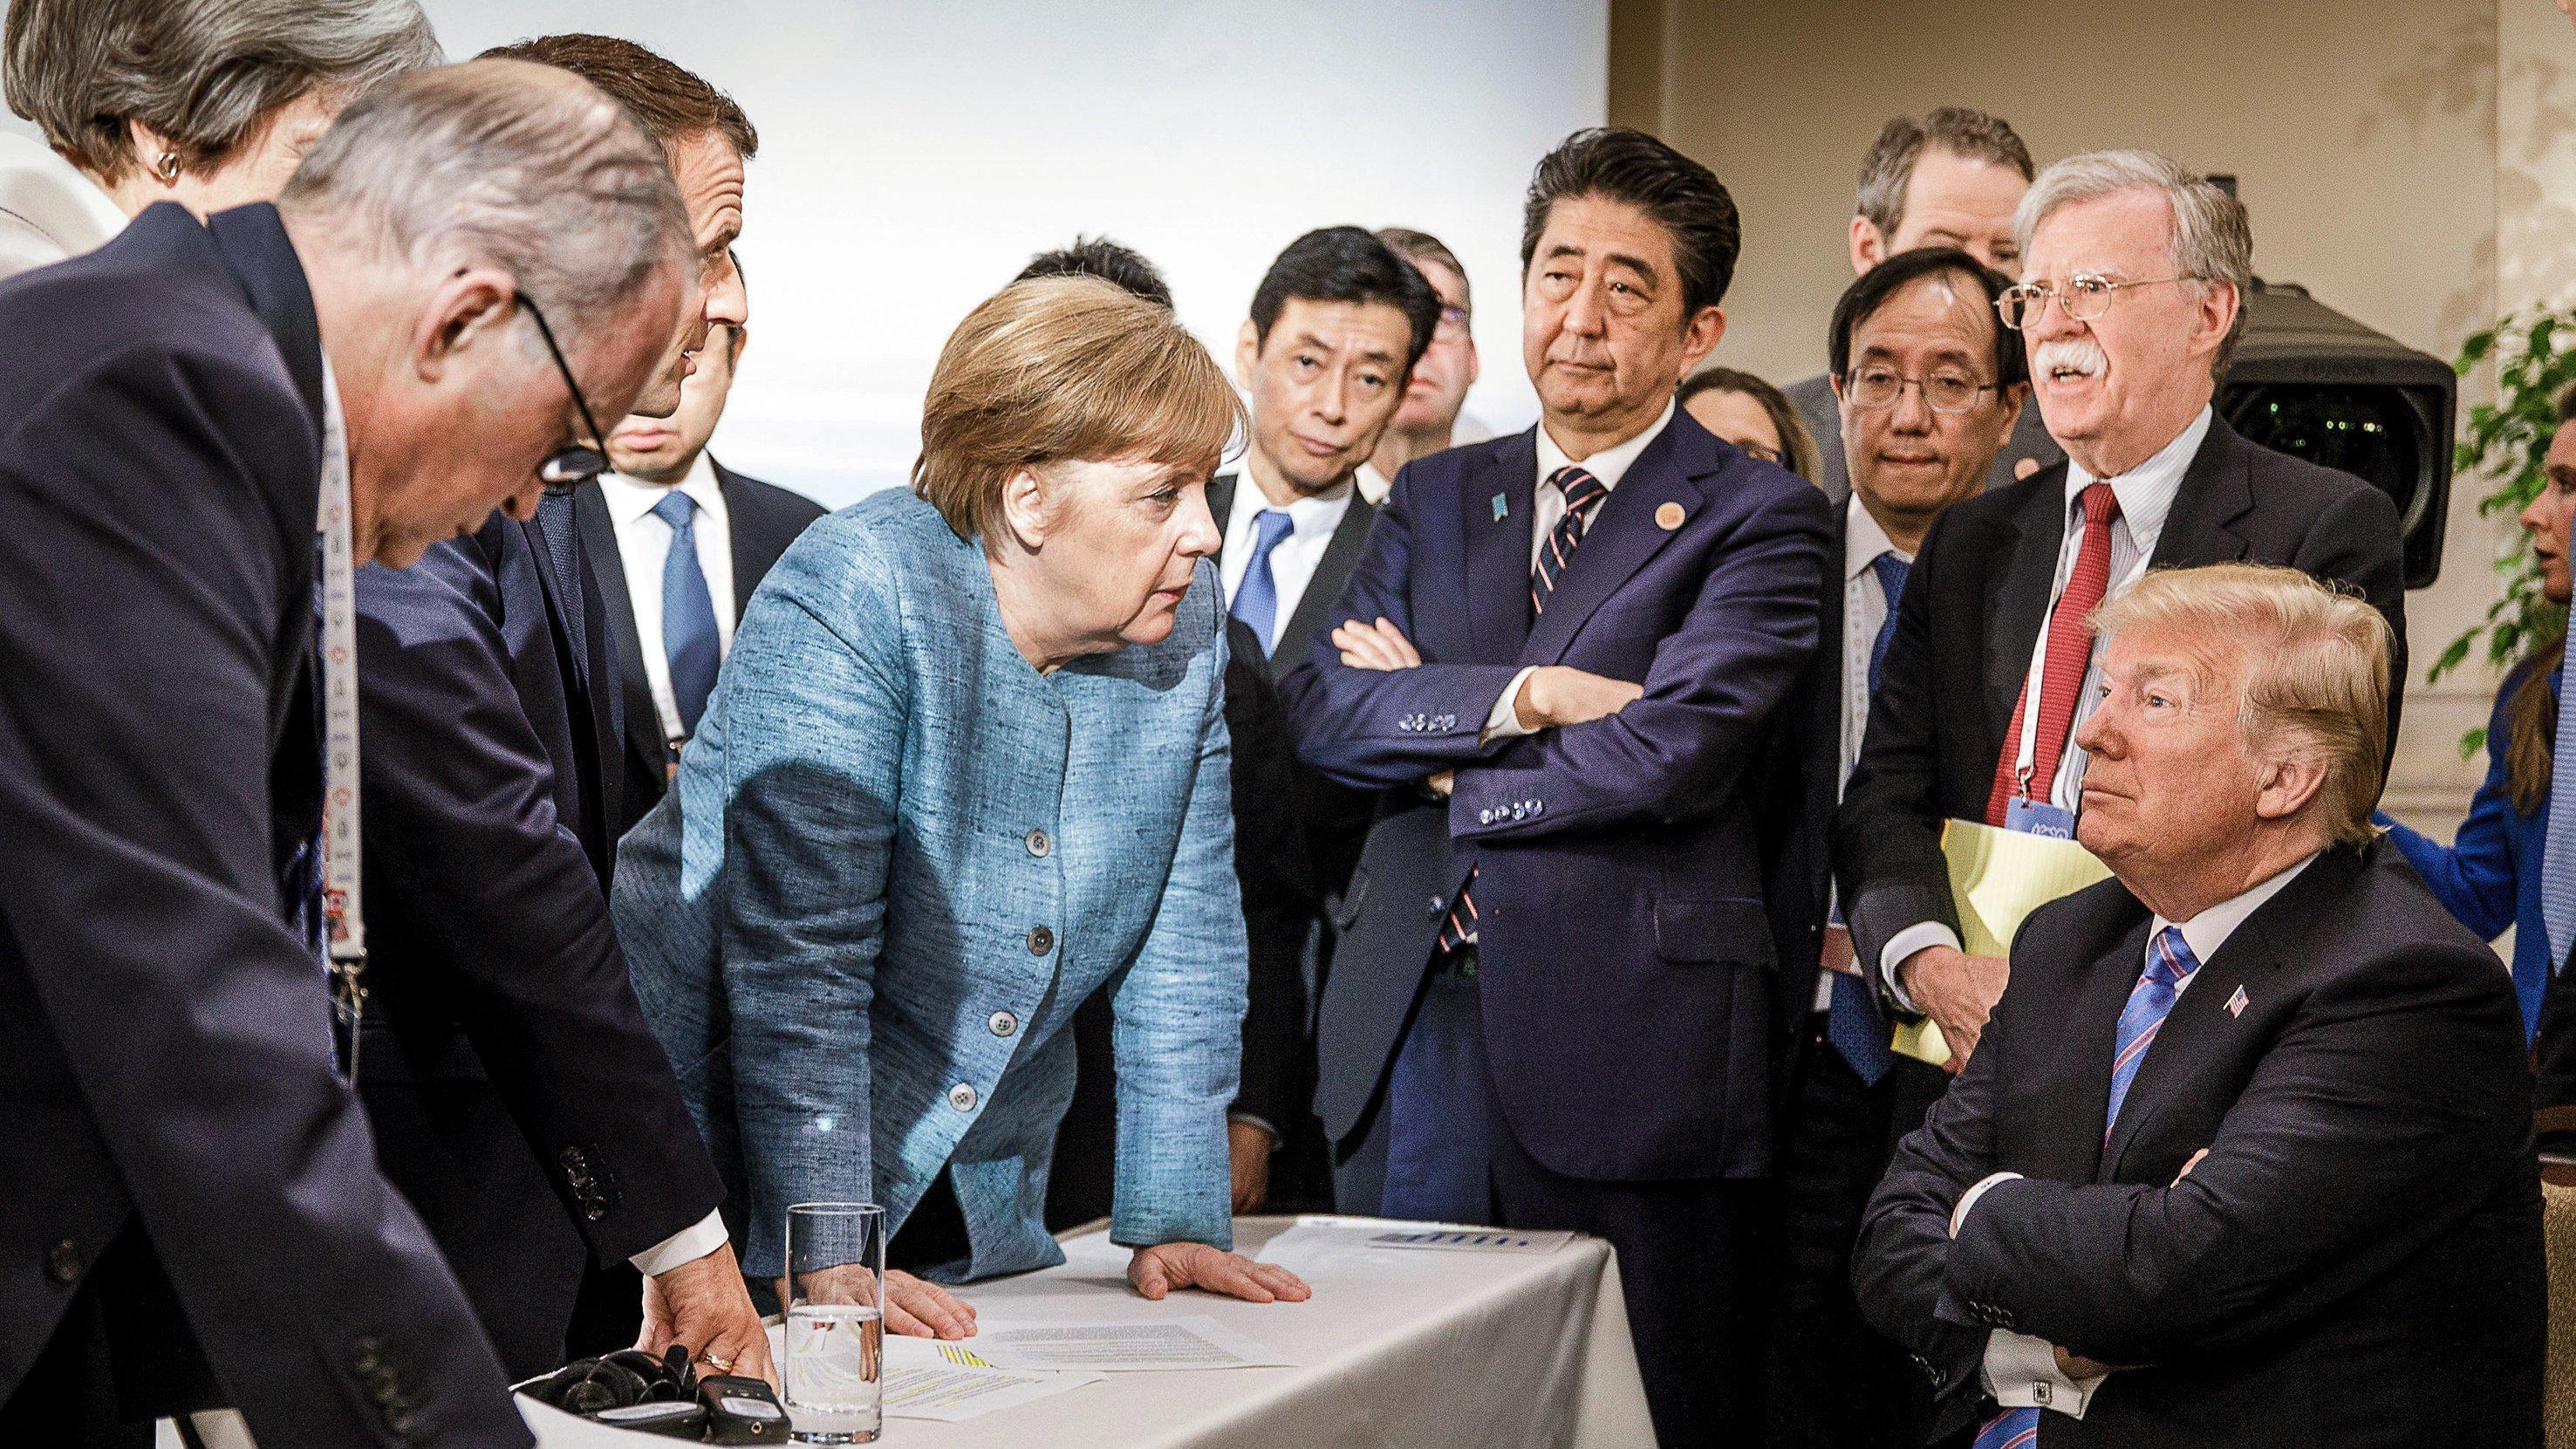 Mehrere ältere Männer und Herren stehen bzw. sitzen um einen Tisch herum und reden.